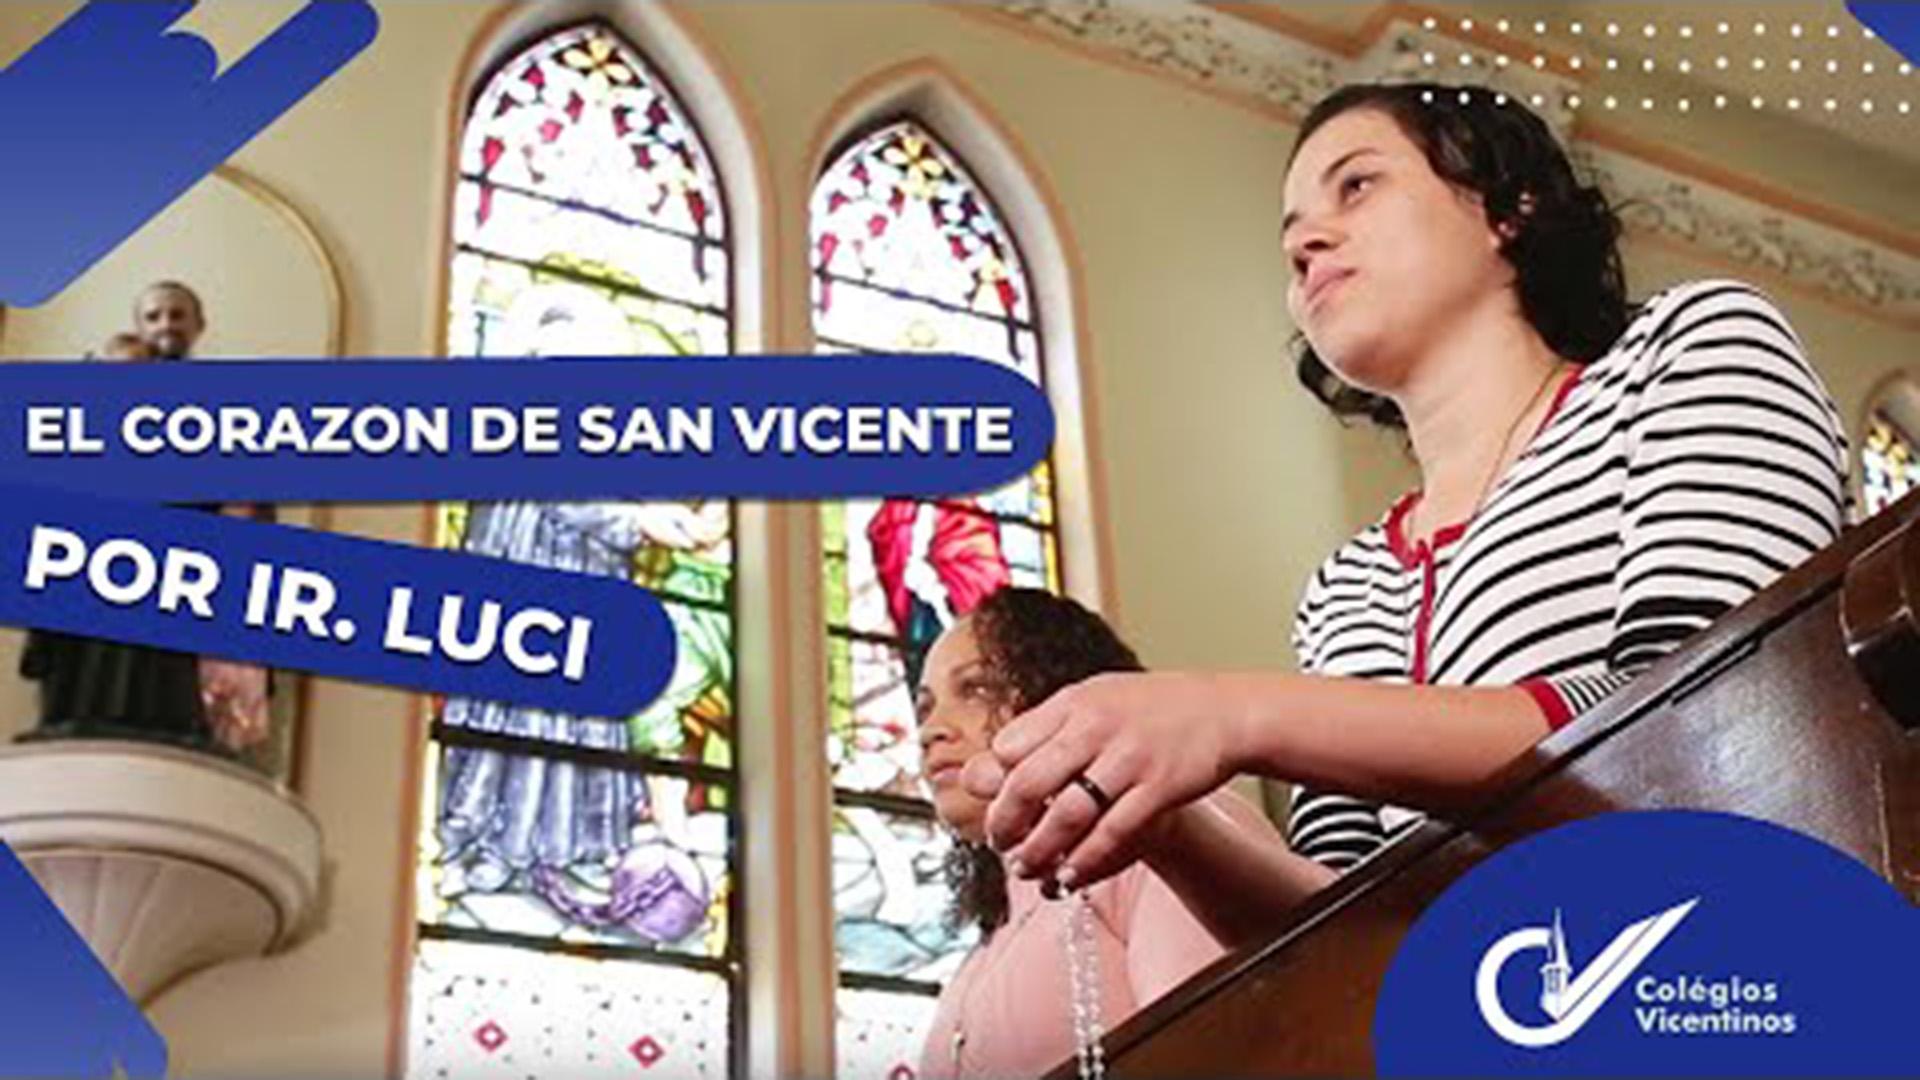 El Corazon de San Vicente, por Ir. Luci